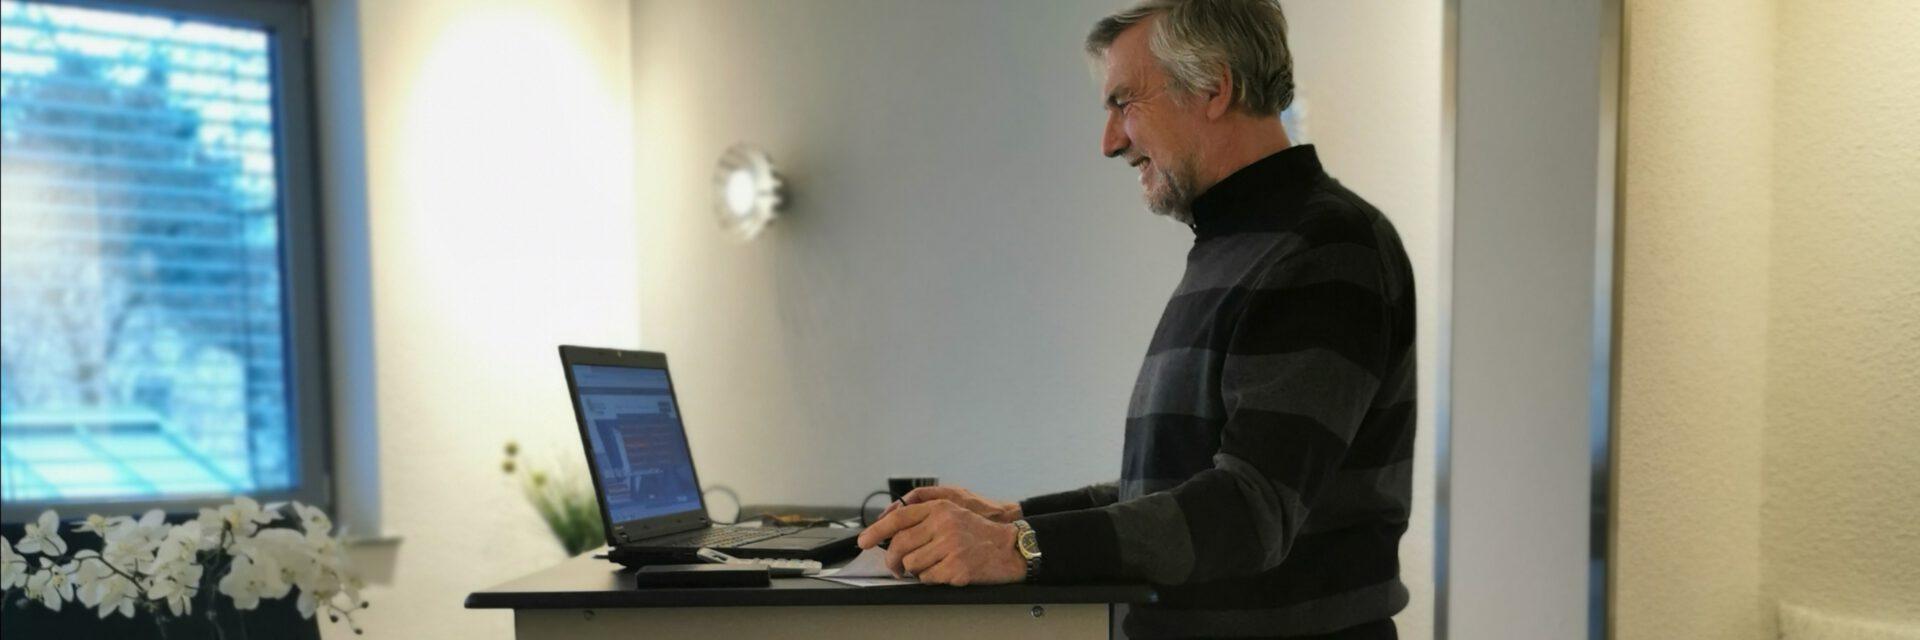 Home-Office Apartments mit höhenverstellbarem Schreibtisch und ergonomischen Bürohocker